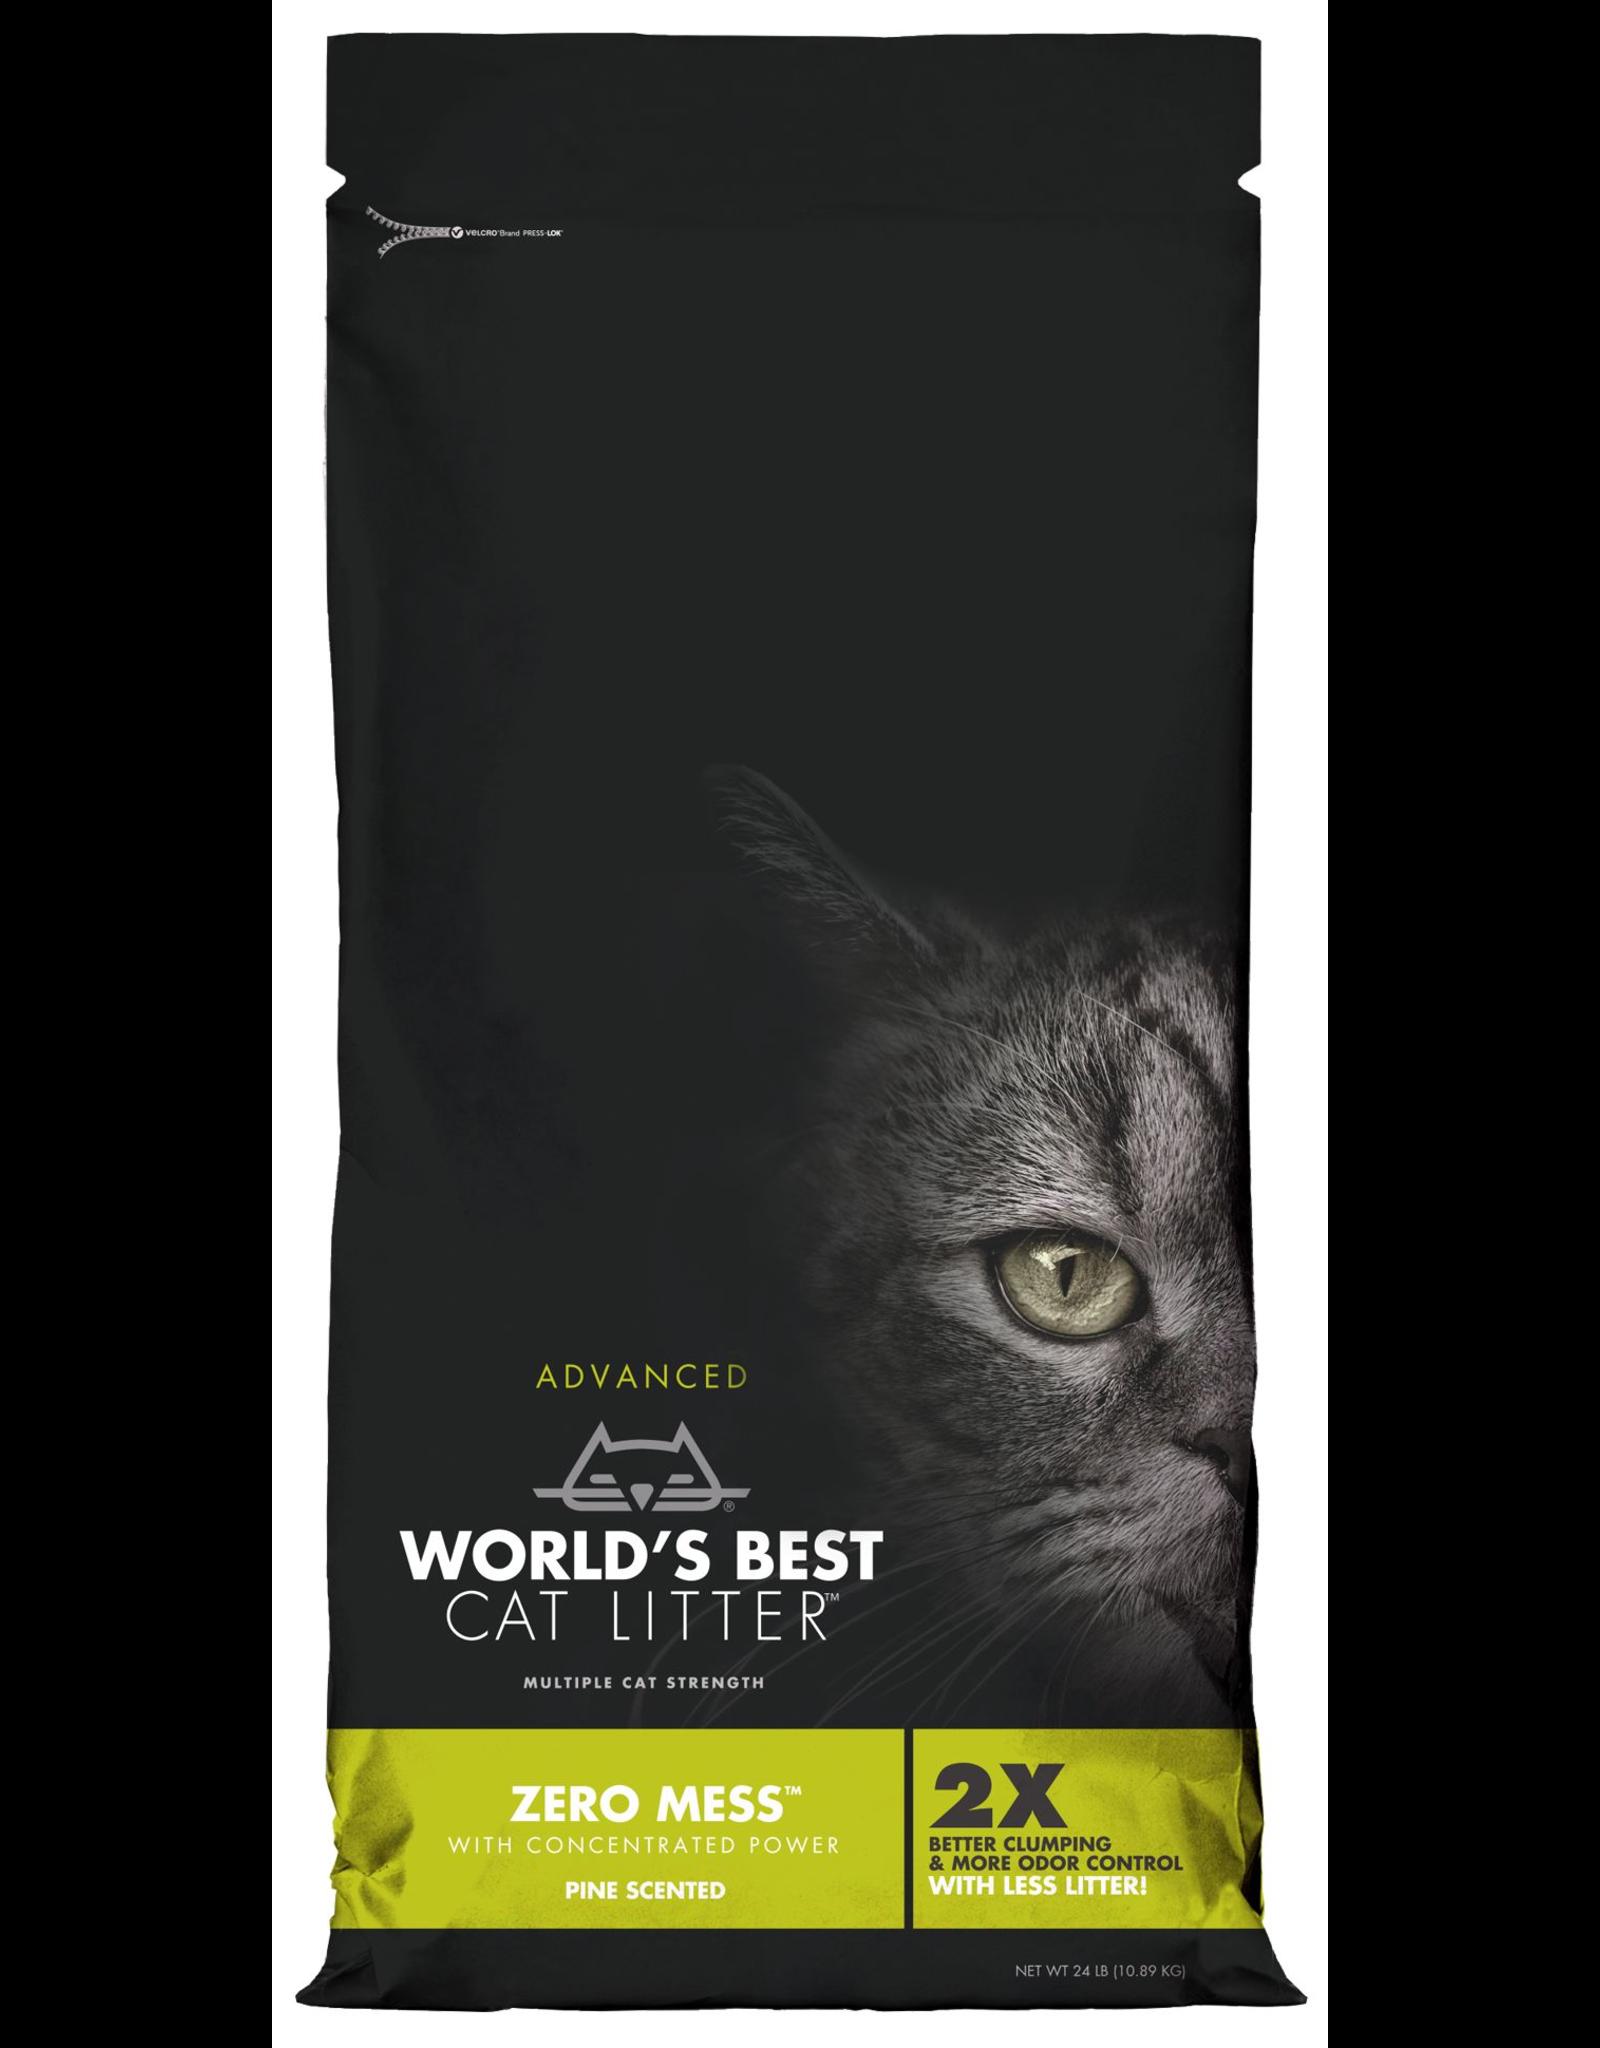 World's Best Cat Litter WORLD'S BEST CAT LITTER ADVANCED ZERO MESS PINE SCENTED